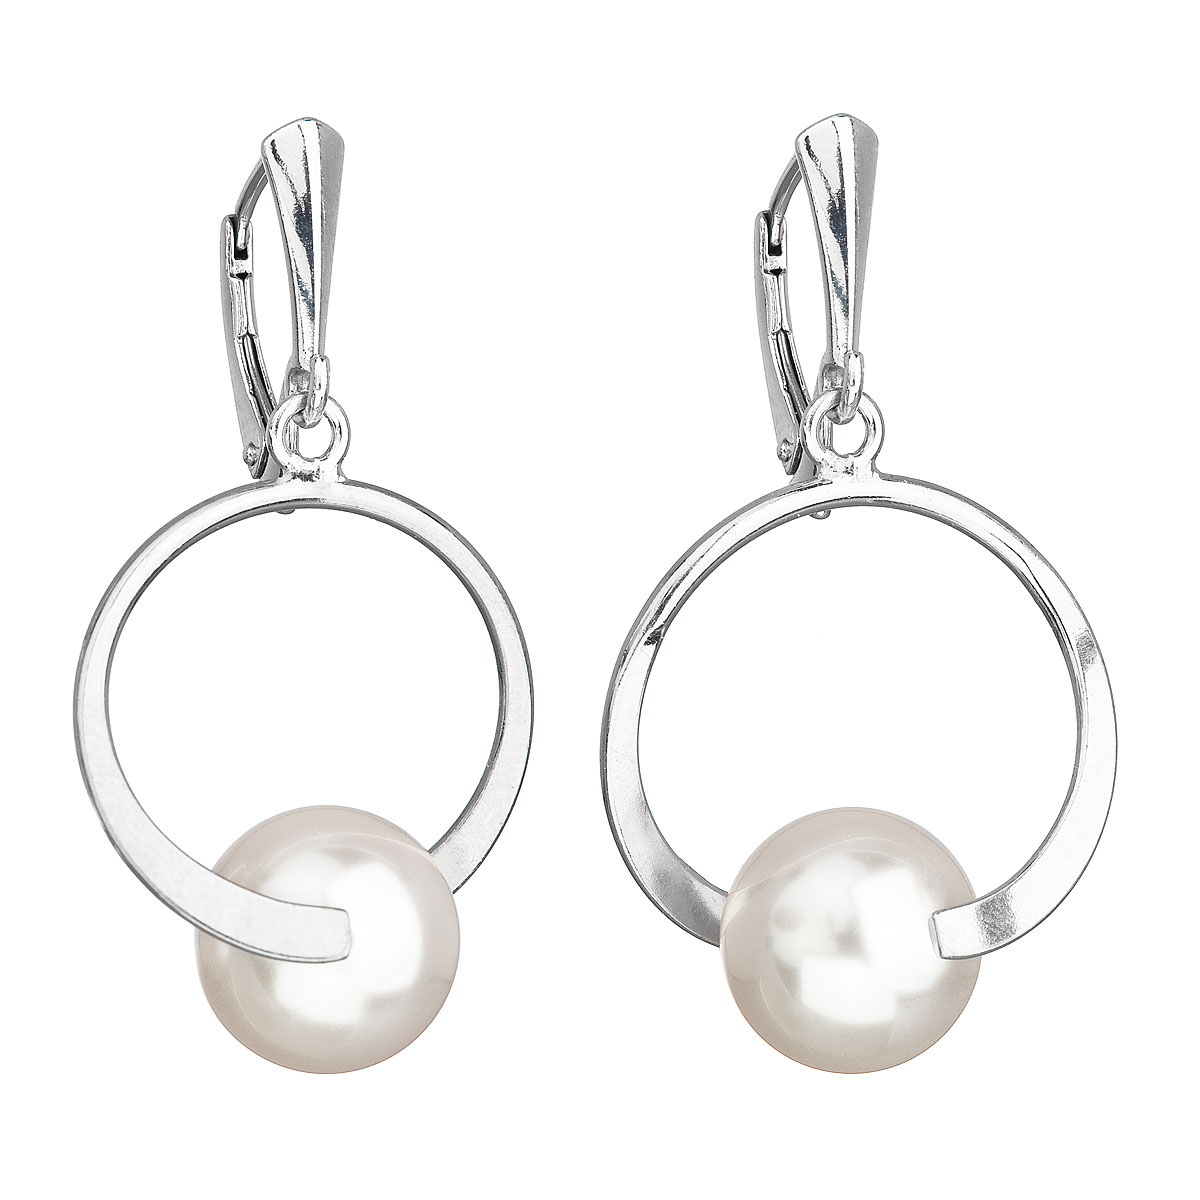 Strieborné náušnice visiace s perlou Swarovski biele okrúhle 31223.1